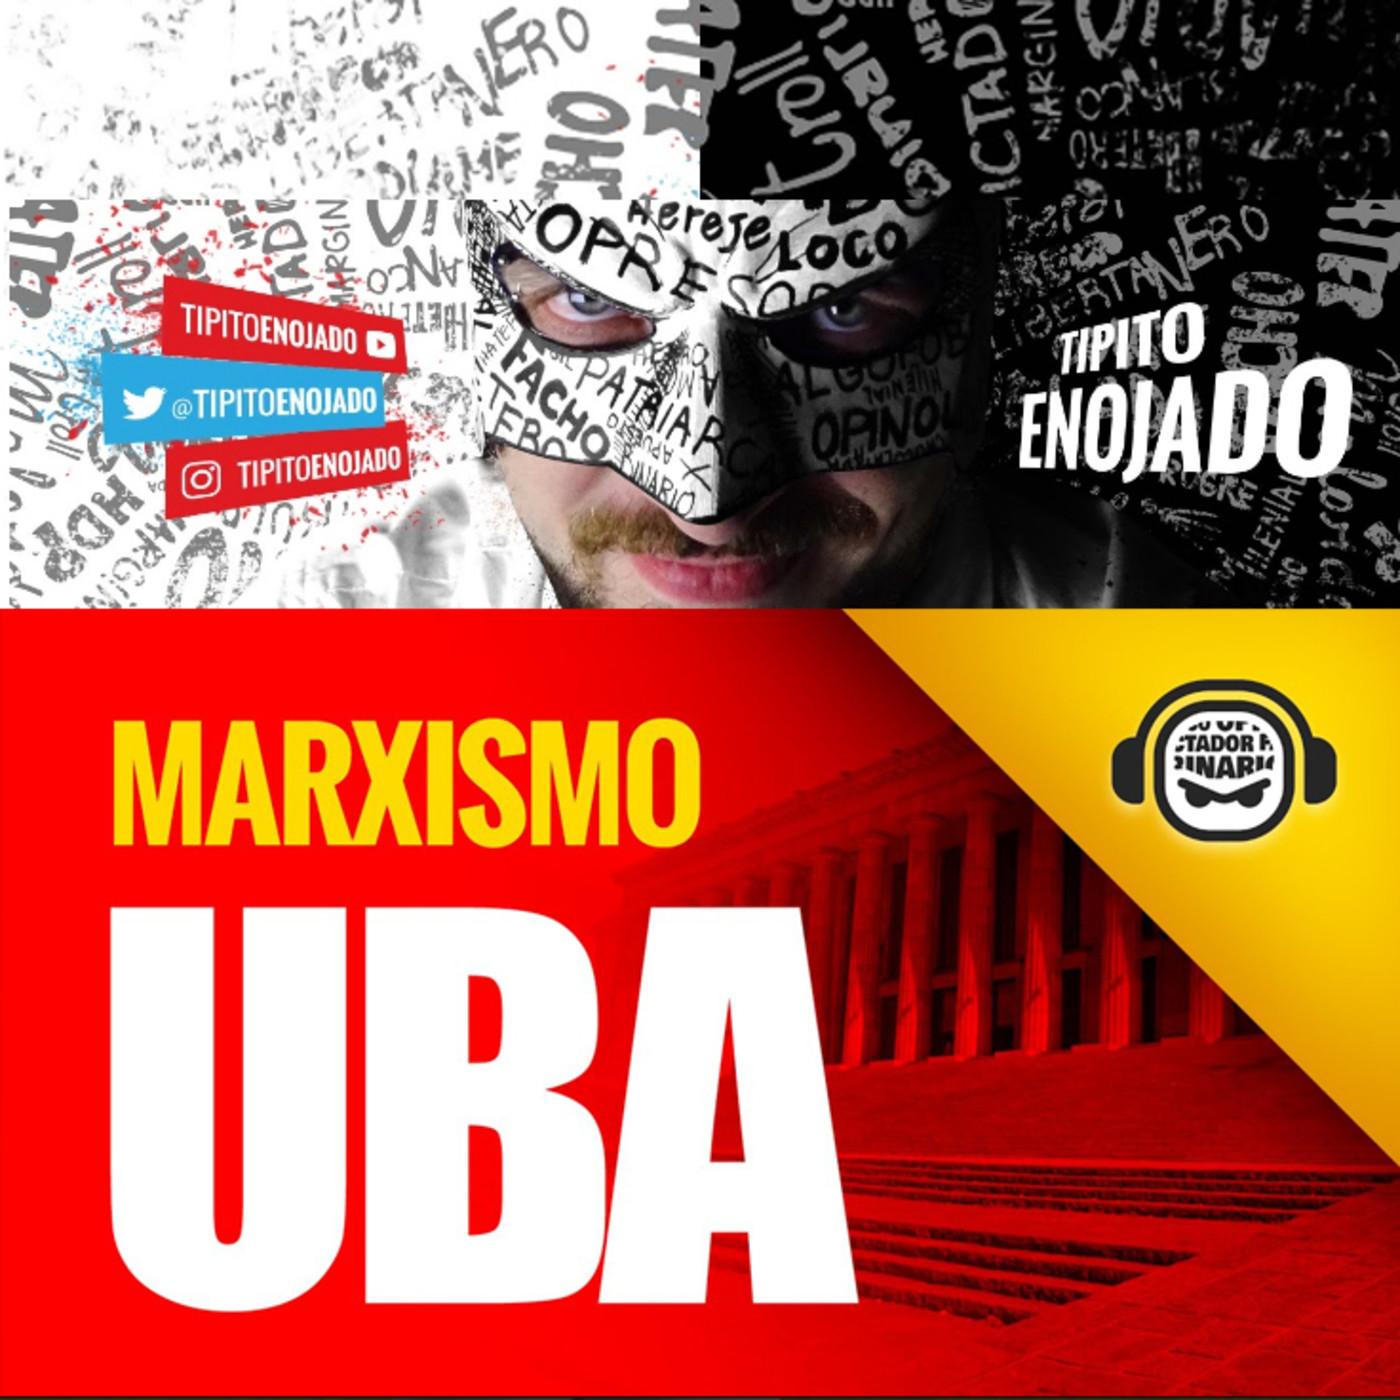 Adoctrinamiento en la Universidad de Buenos Aires UBA en Tipito Enojado en  mp3(18/03 a las 12:48:18) 01:46:42 49053380 - iVoox